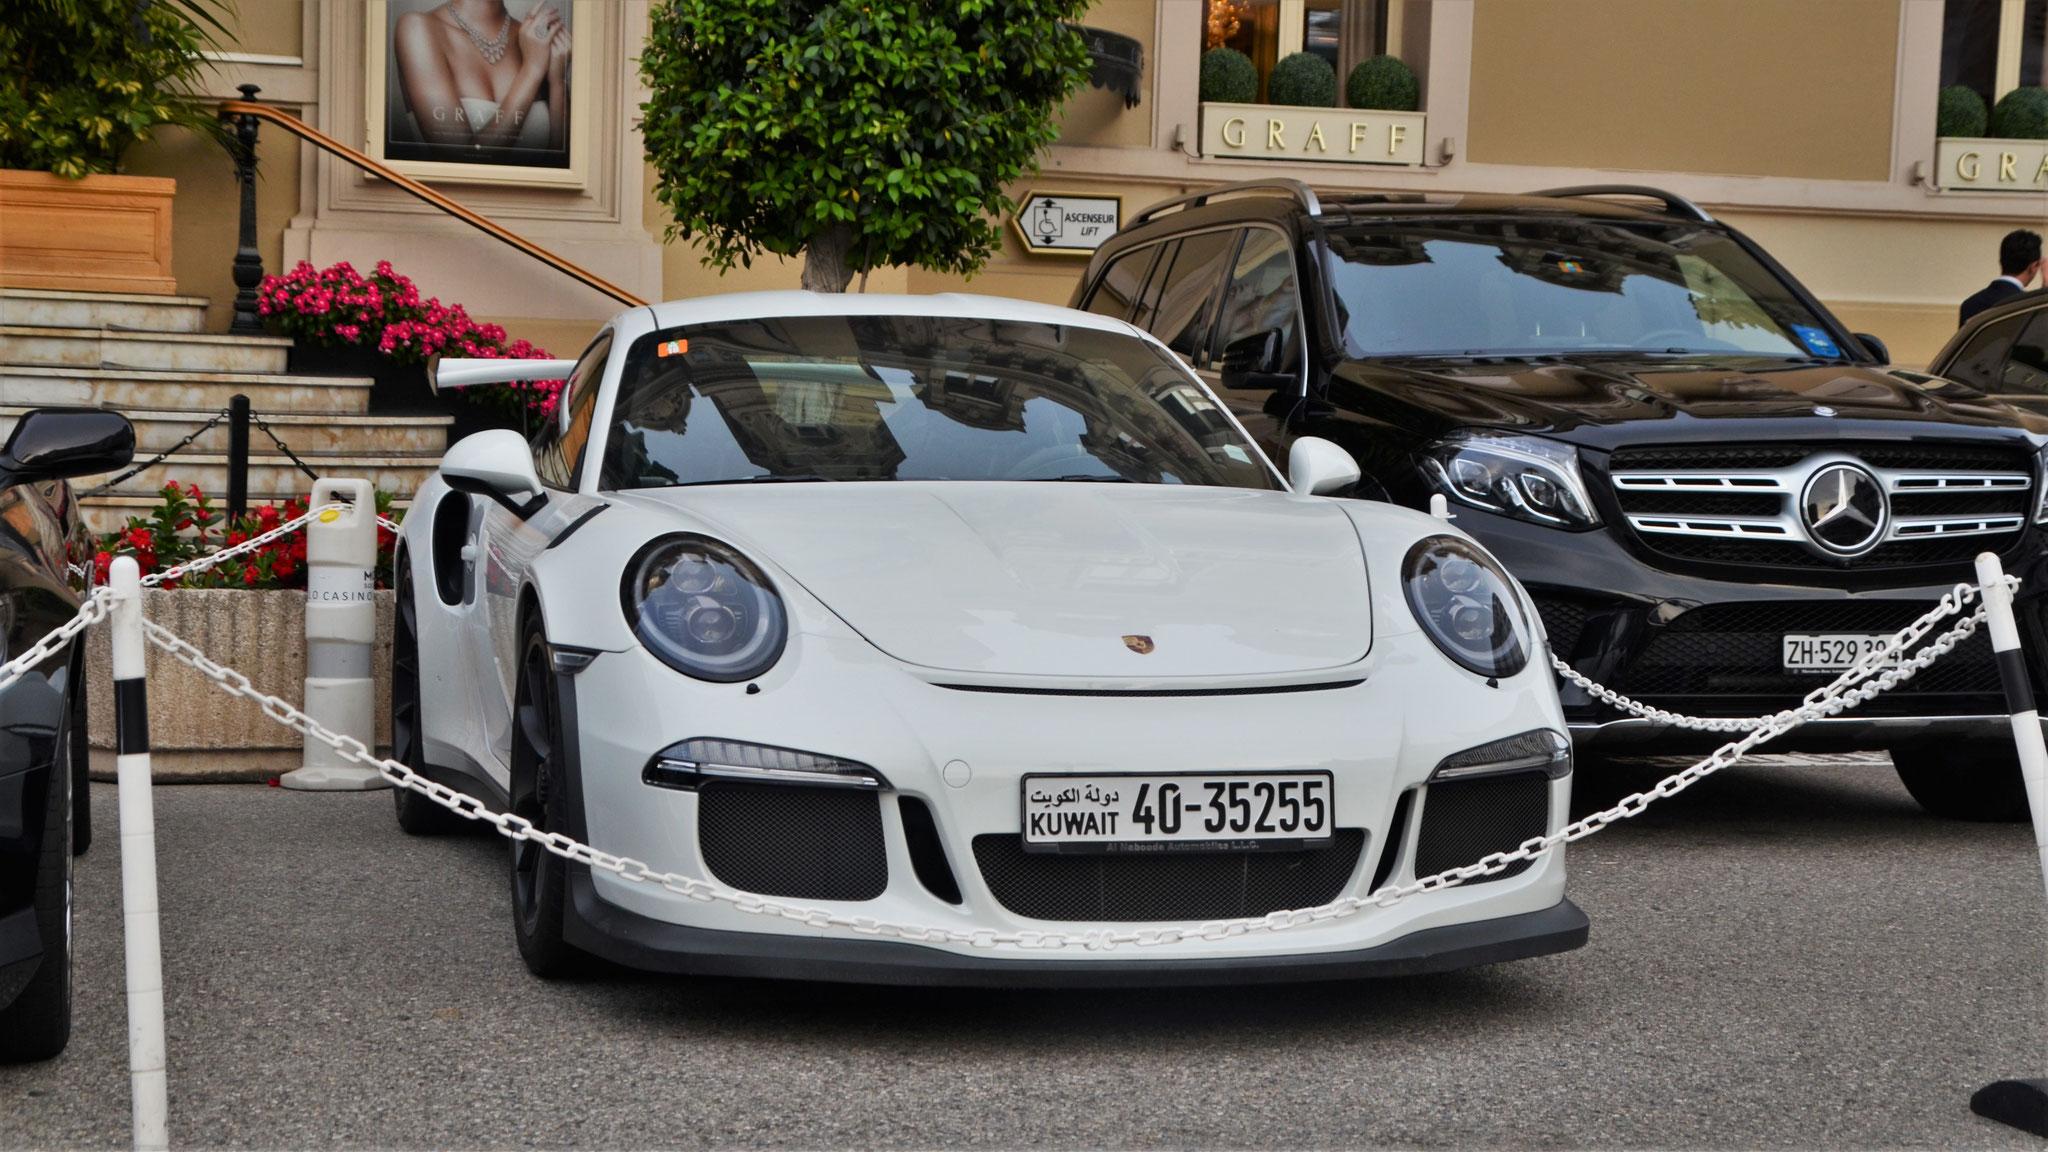 Porsche 911 GT3 RS - 40-35255 (KWT)